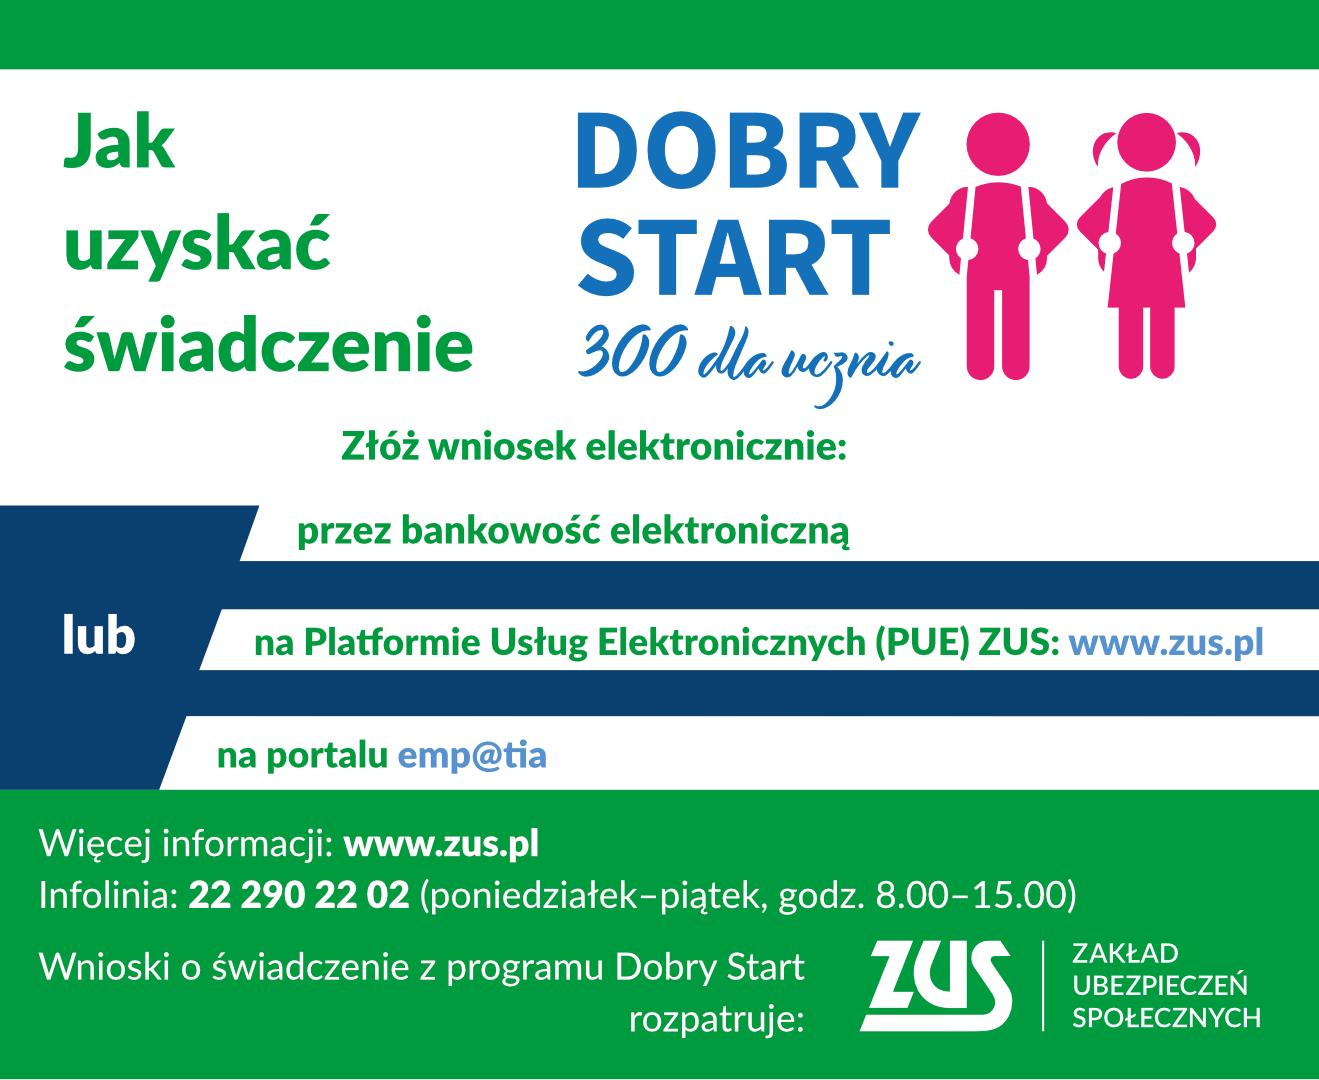 Program Dobry Start - ZUS